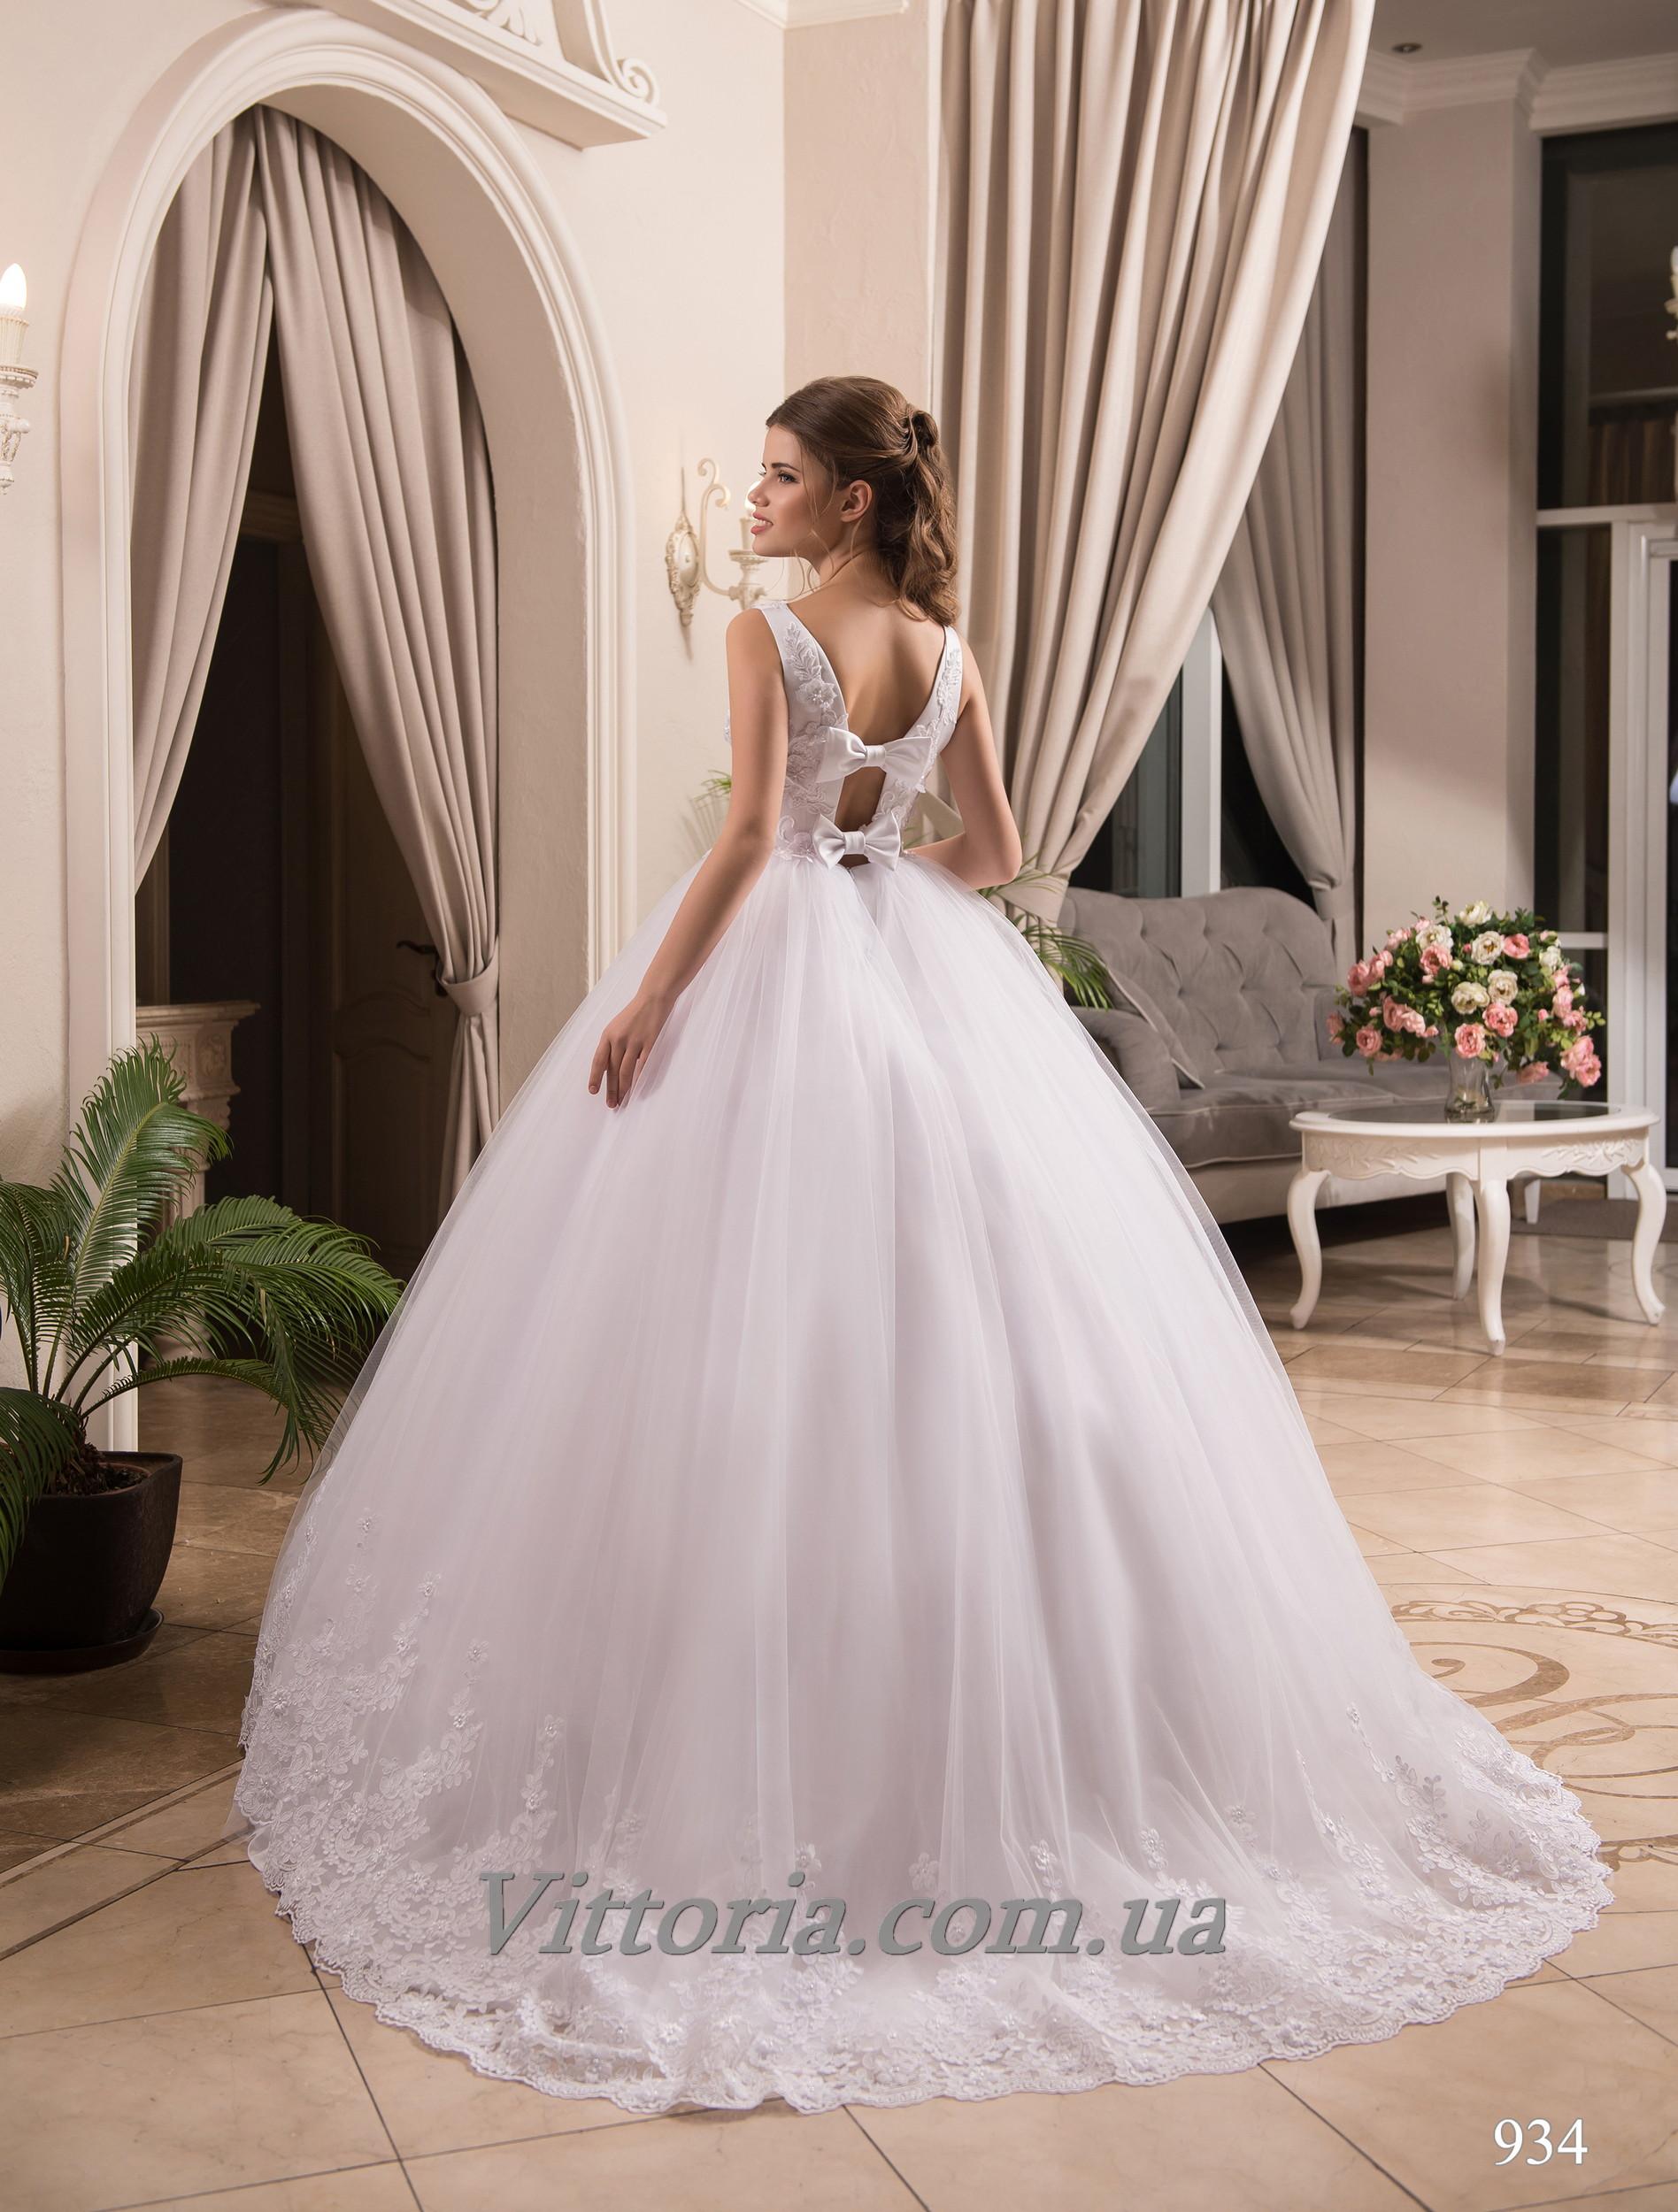 Свадебное платье Модель 17-934